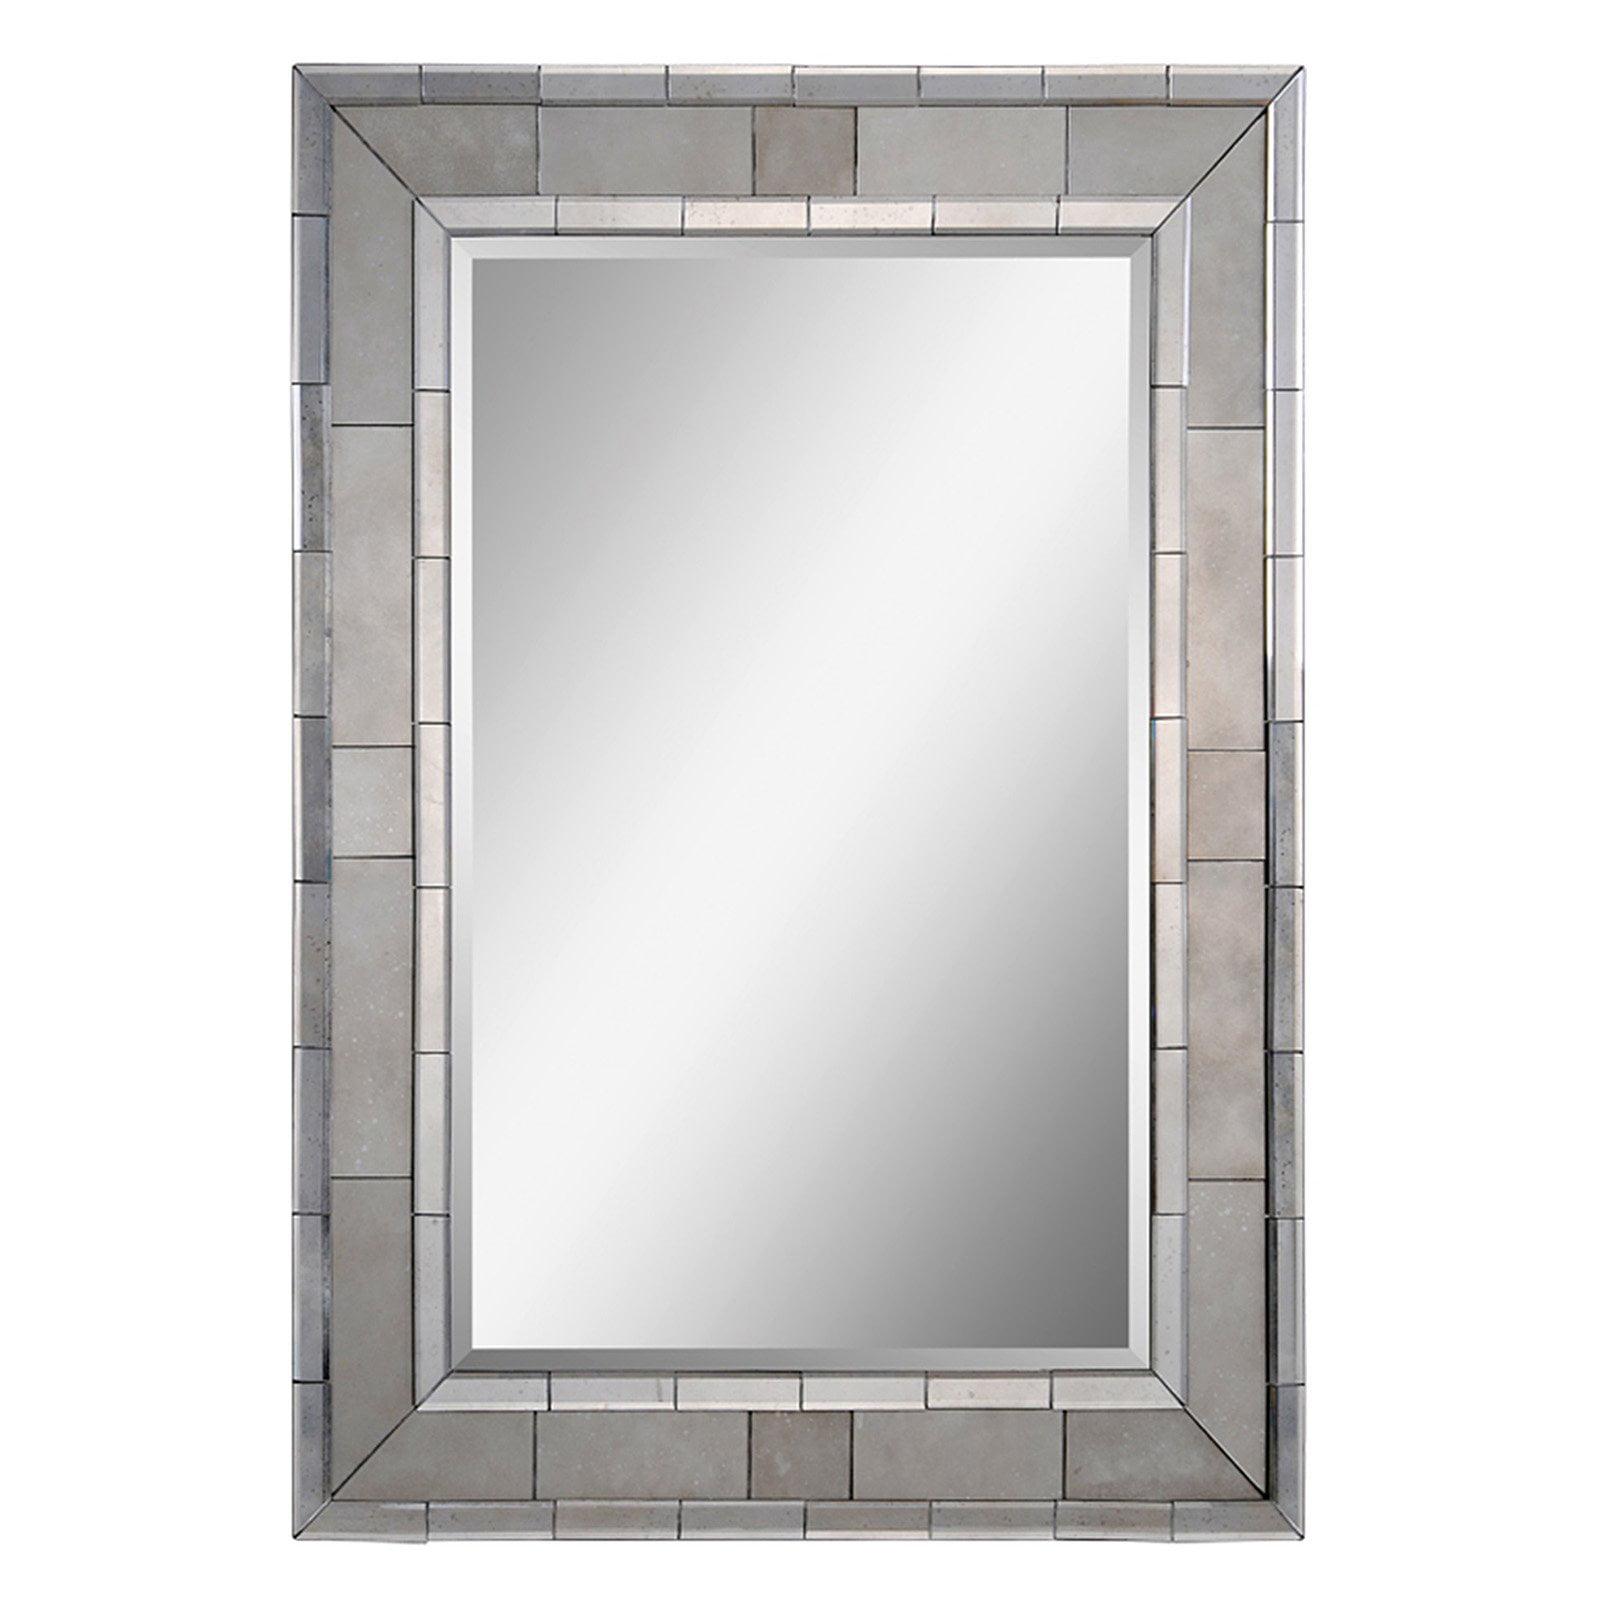 Ren-Wil Glendale Wall Mirror - 35W x 47H in.